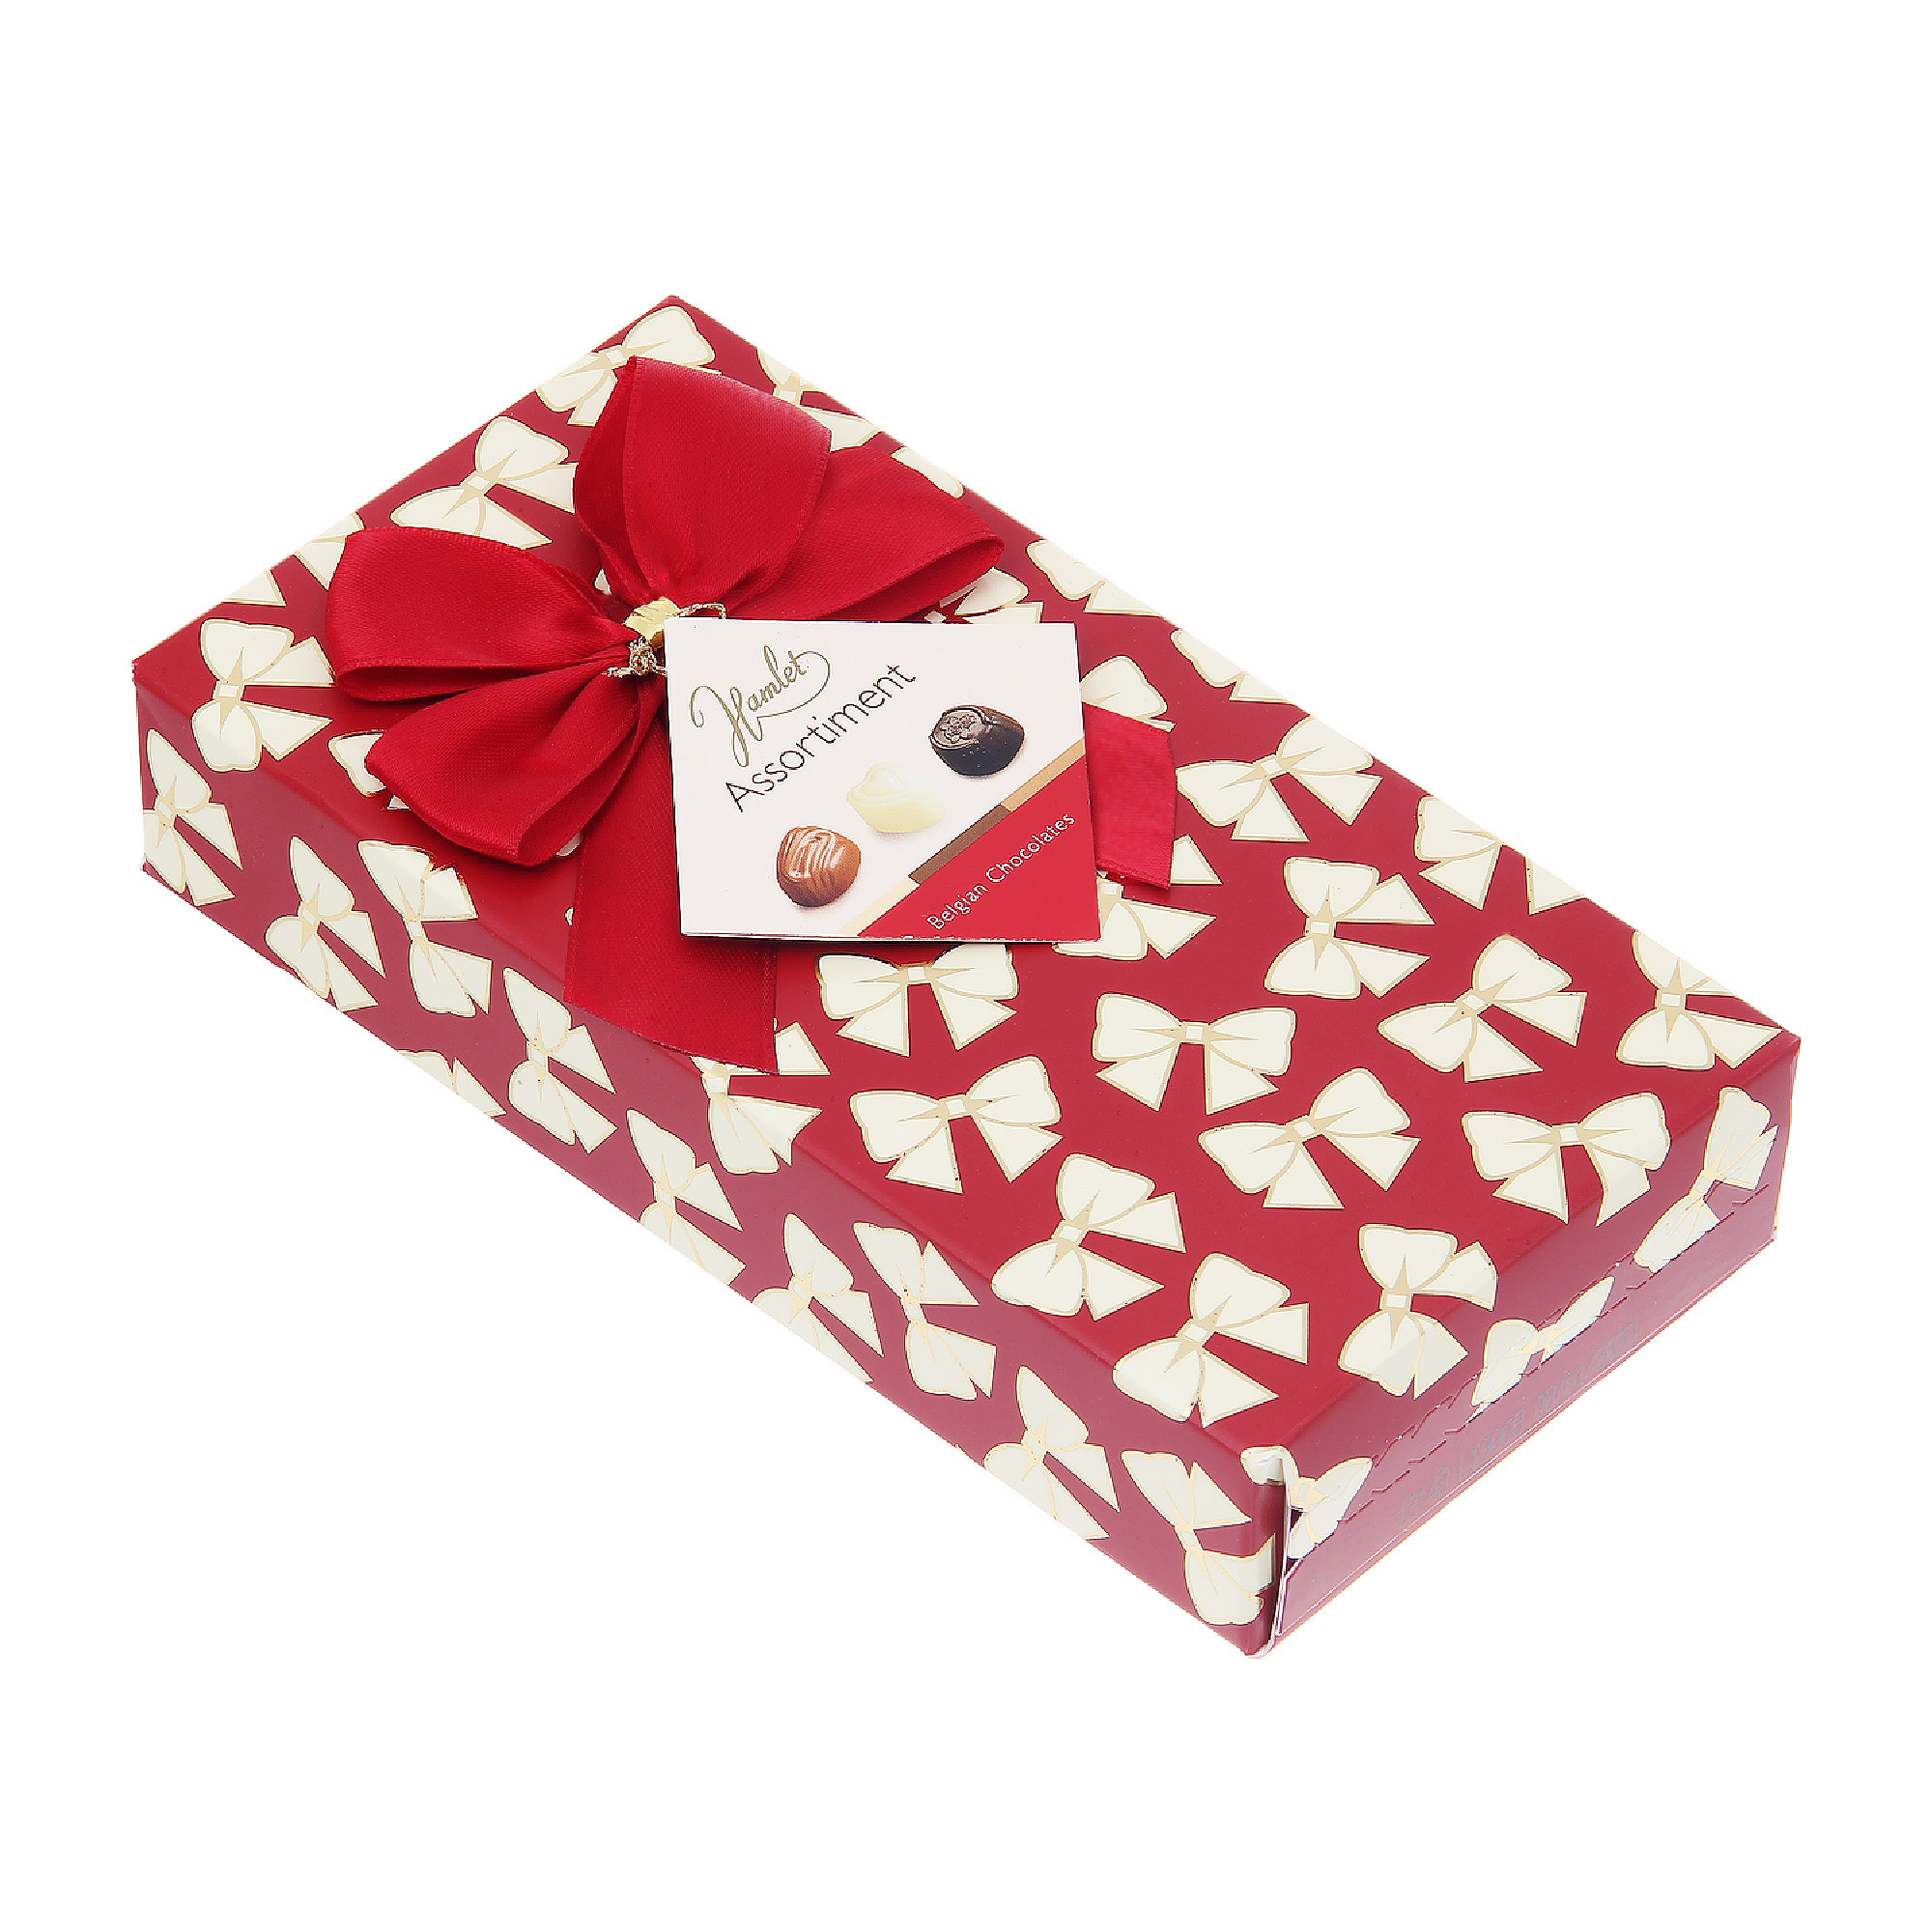 Конфеты шоколадные Hamlet Chocolates Gifty Red 125 г фото